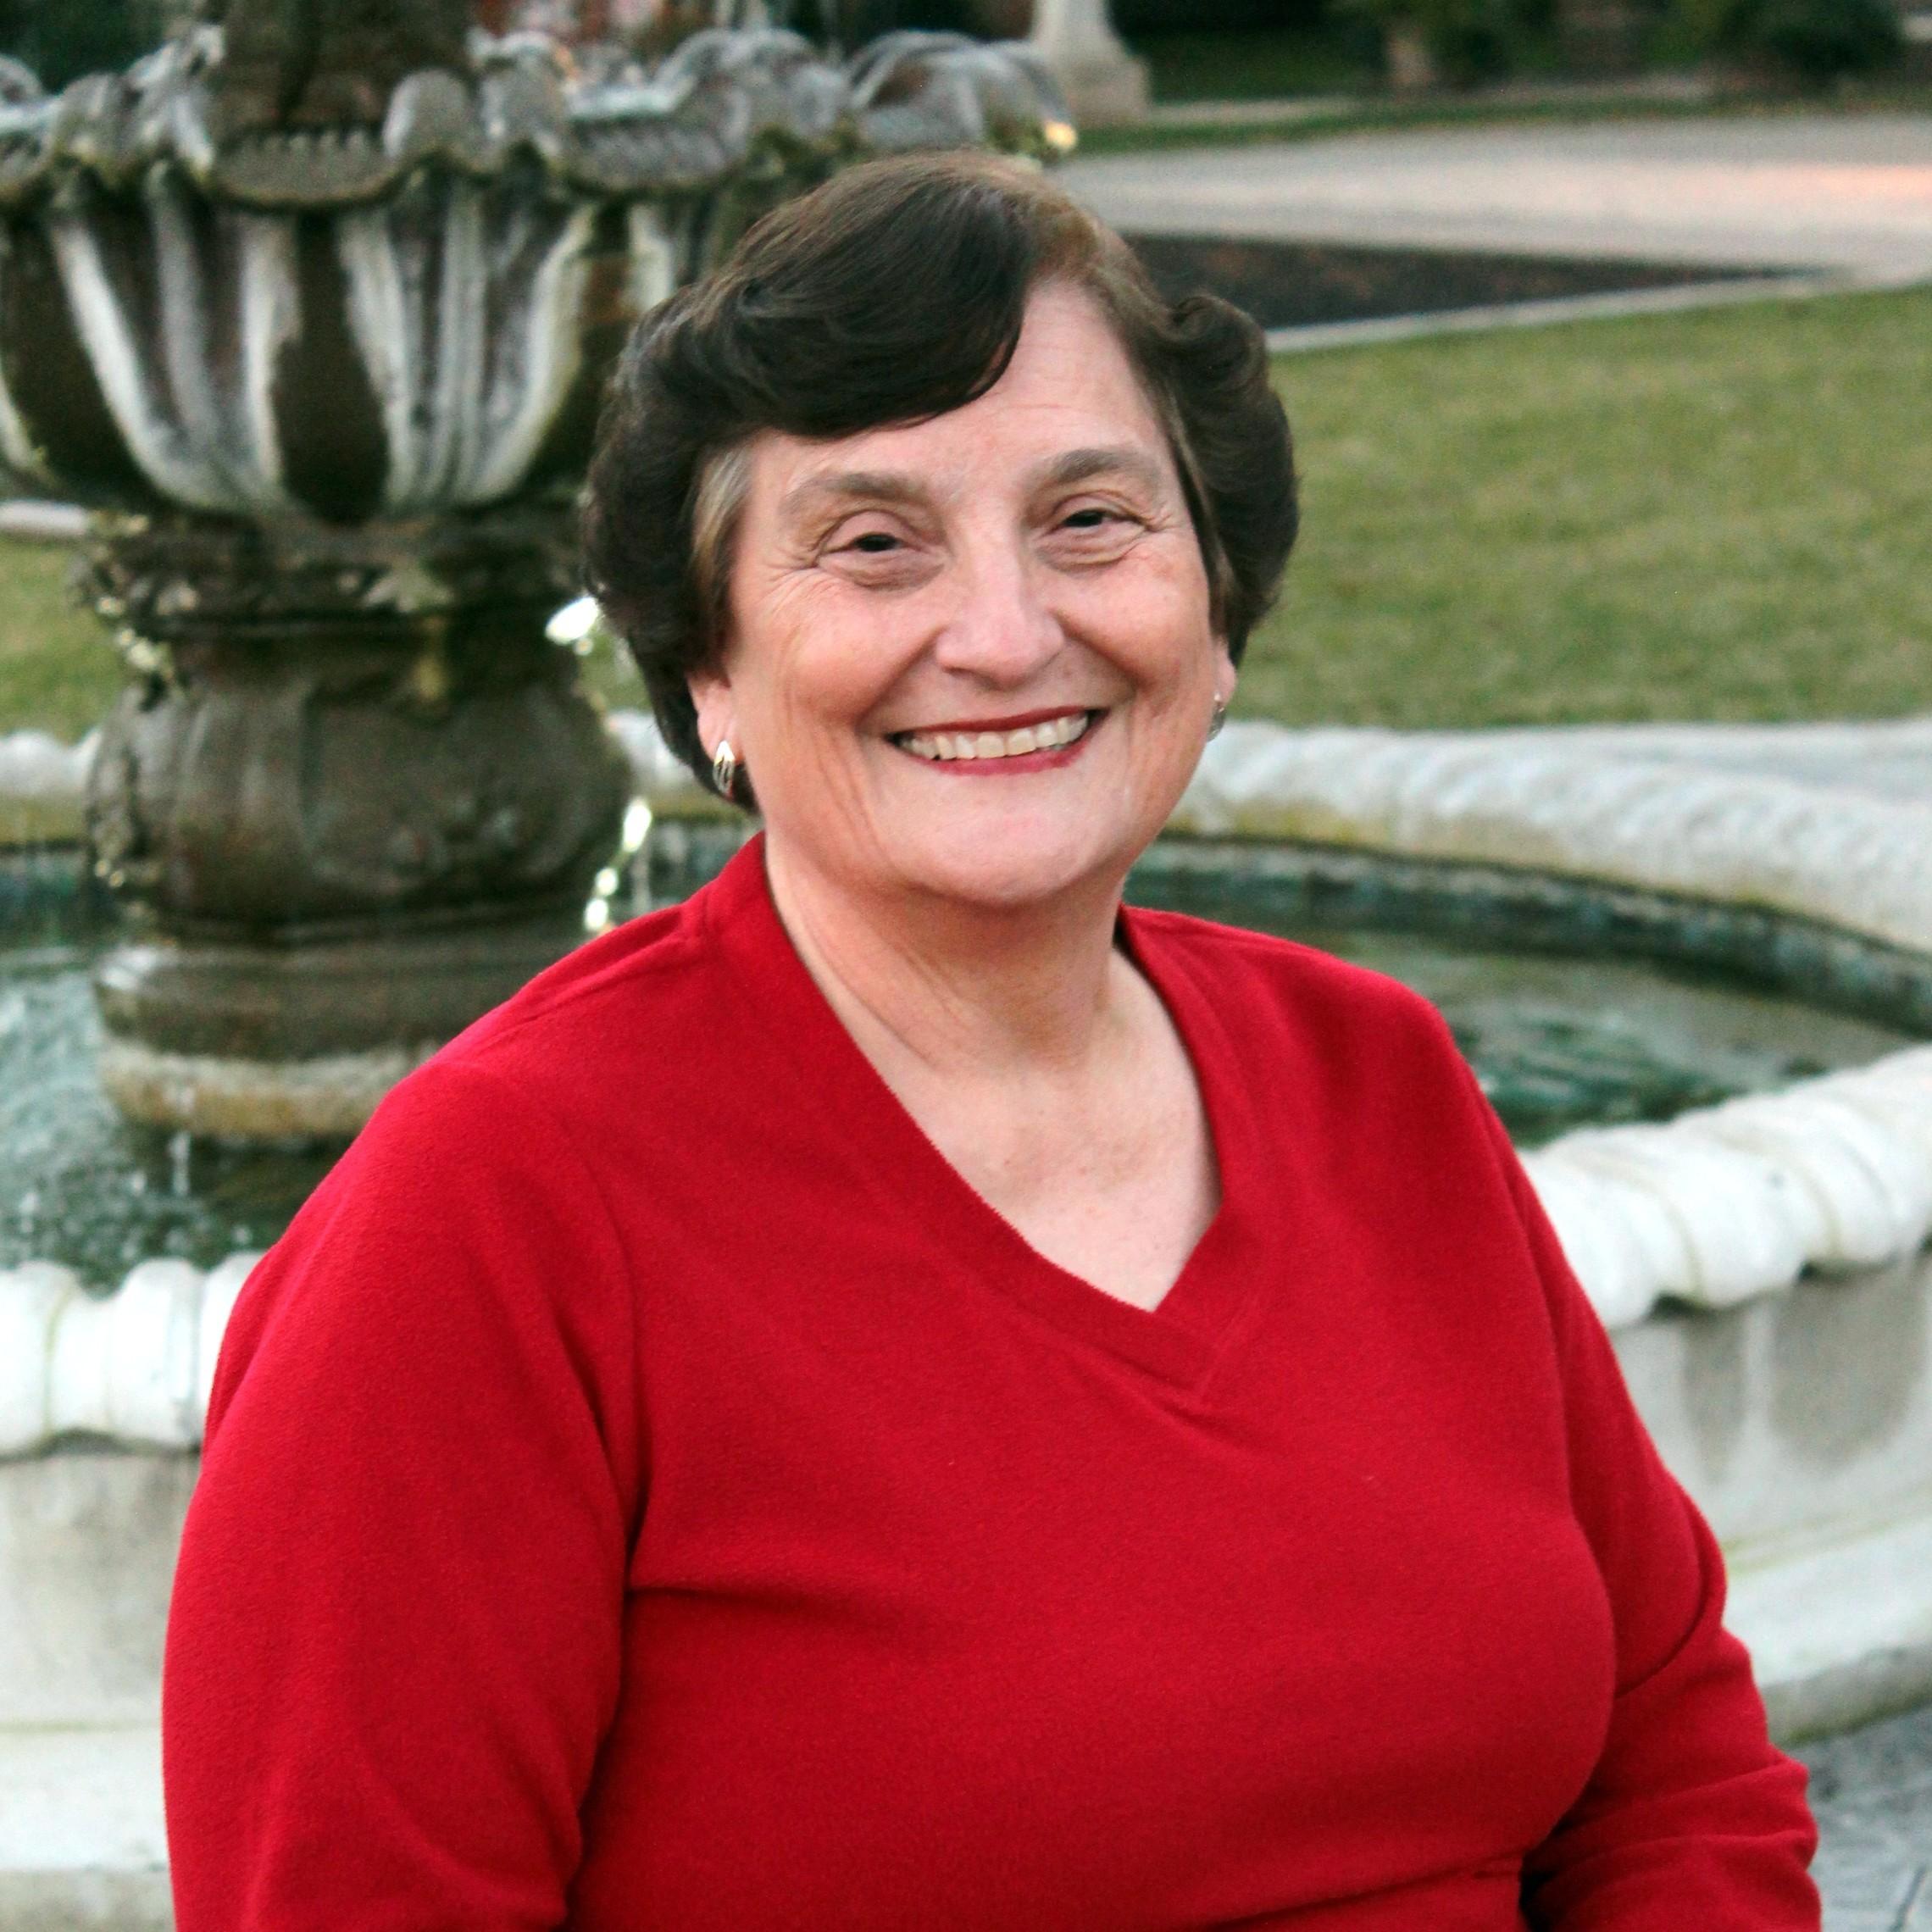 June Mcjunkin